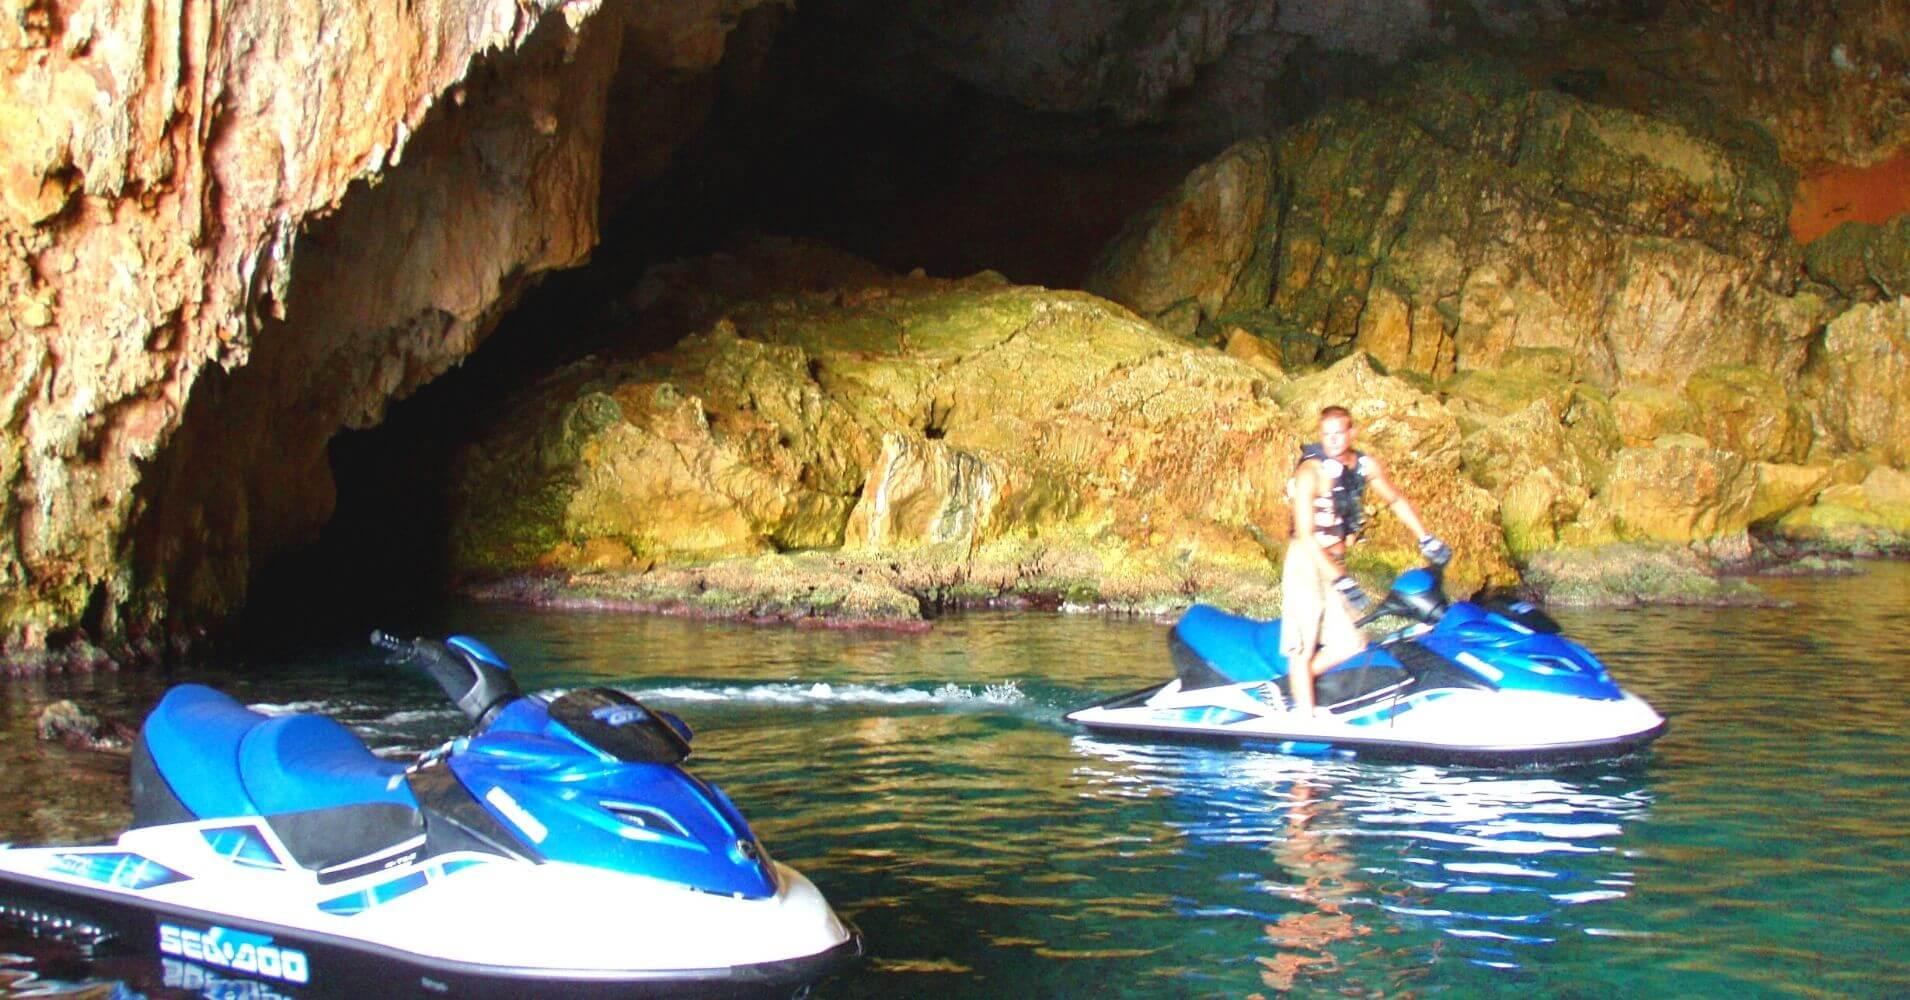 Cueva de los Órganos. Cuevas del Cabo de la Nao. Jávea, Alicante. Comunidad Valenciana.